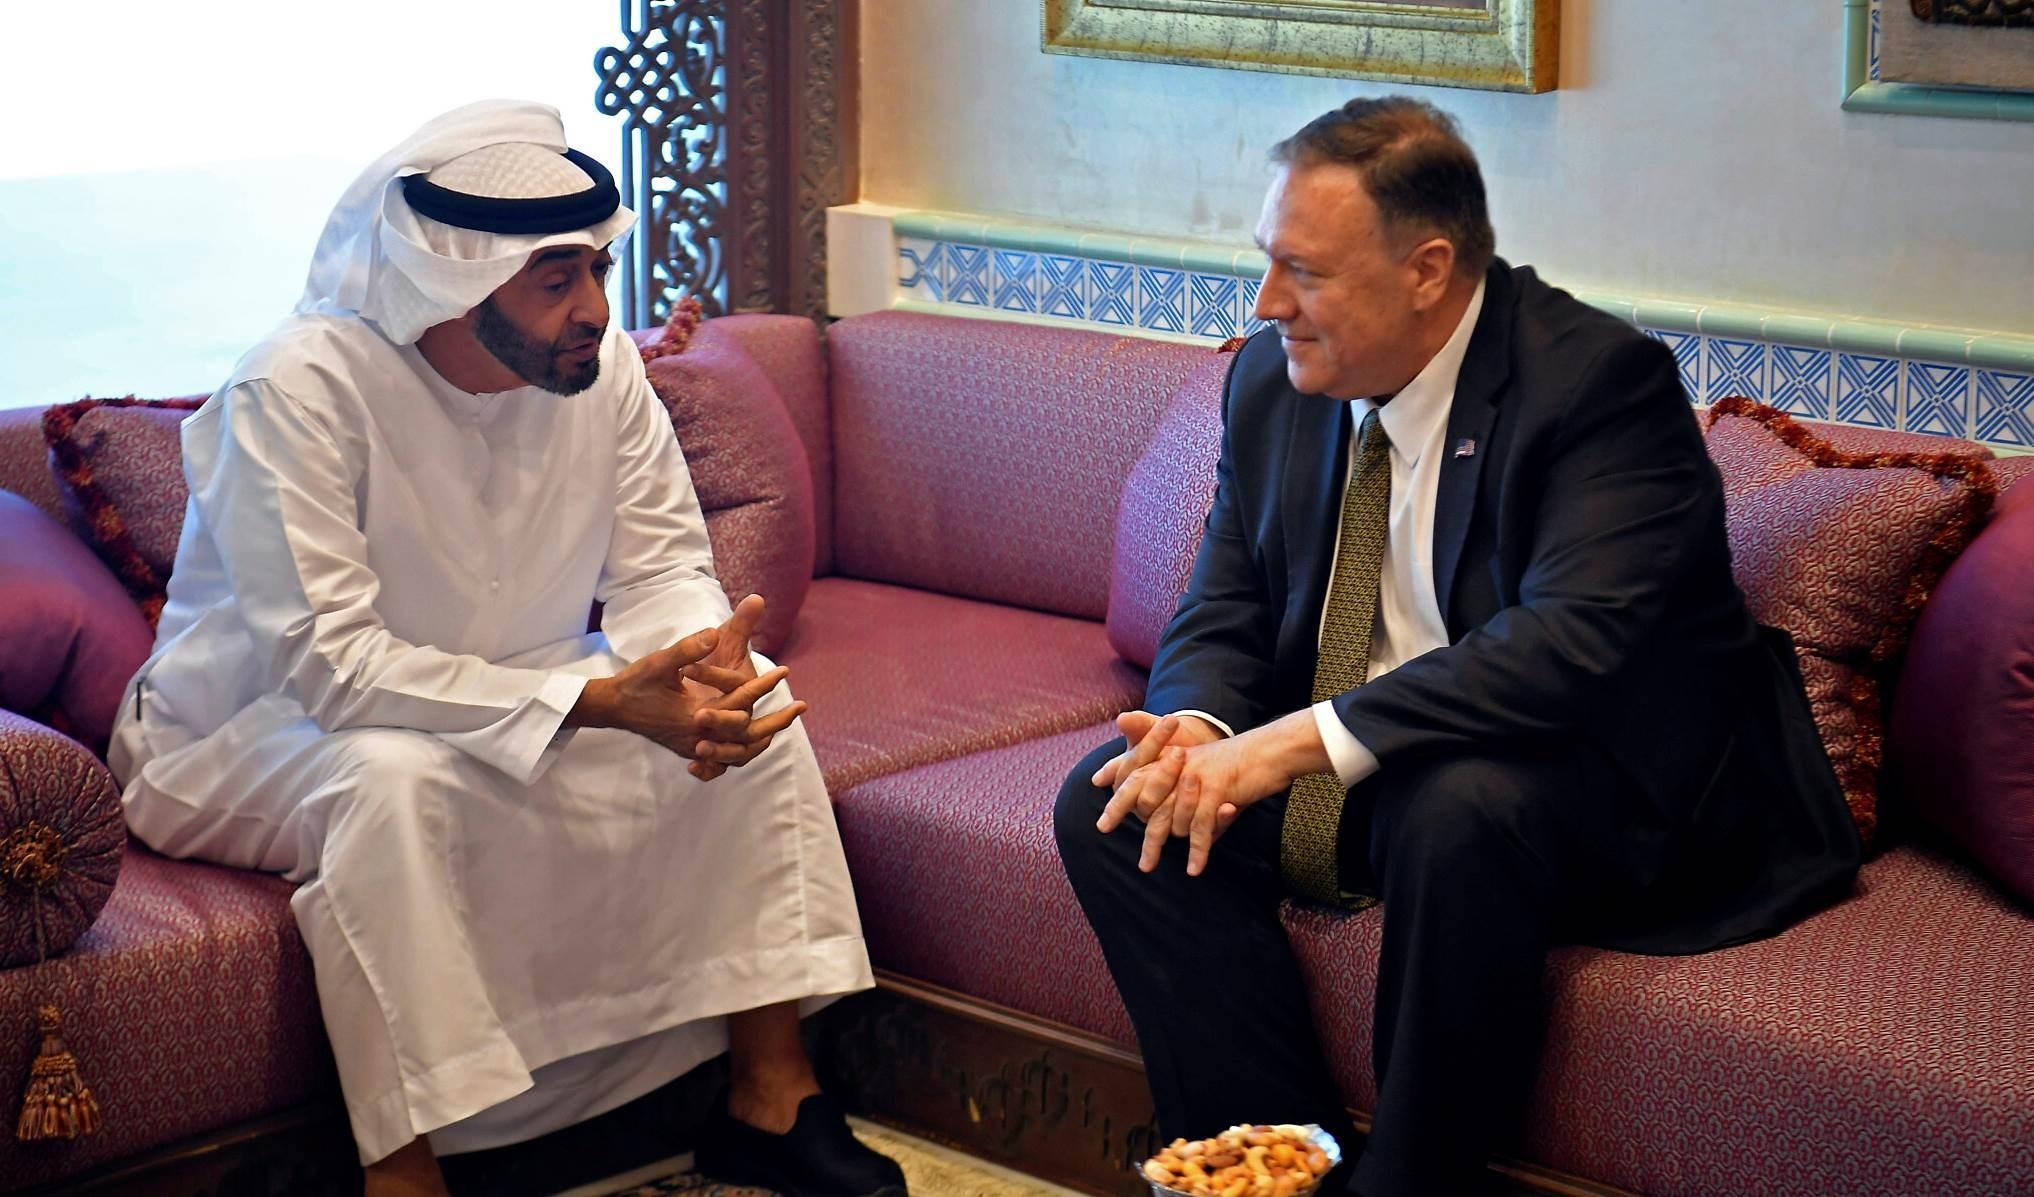 وزير الخارجية الأمريكي مايك بومبيو  خلال زيارته ولي عهد أبوظبي محمد بن زايد عام 2019